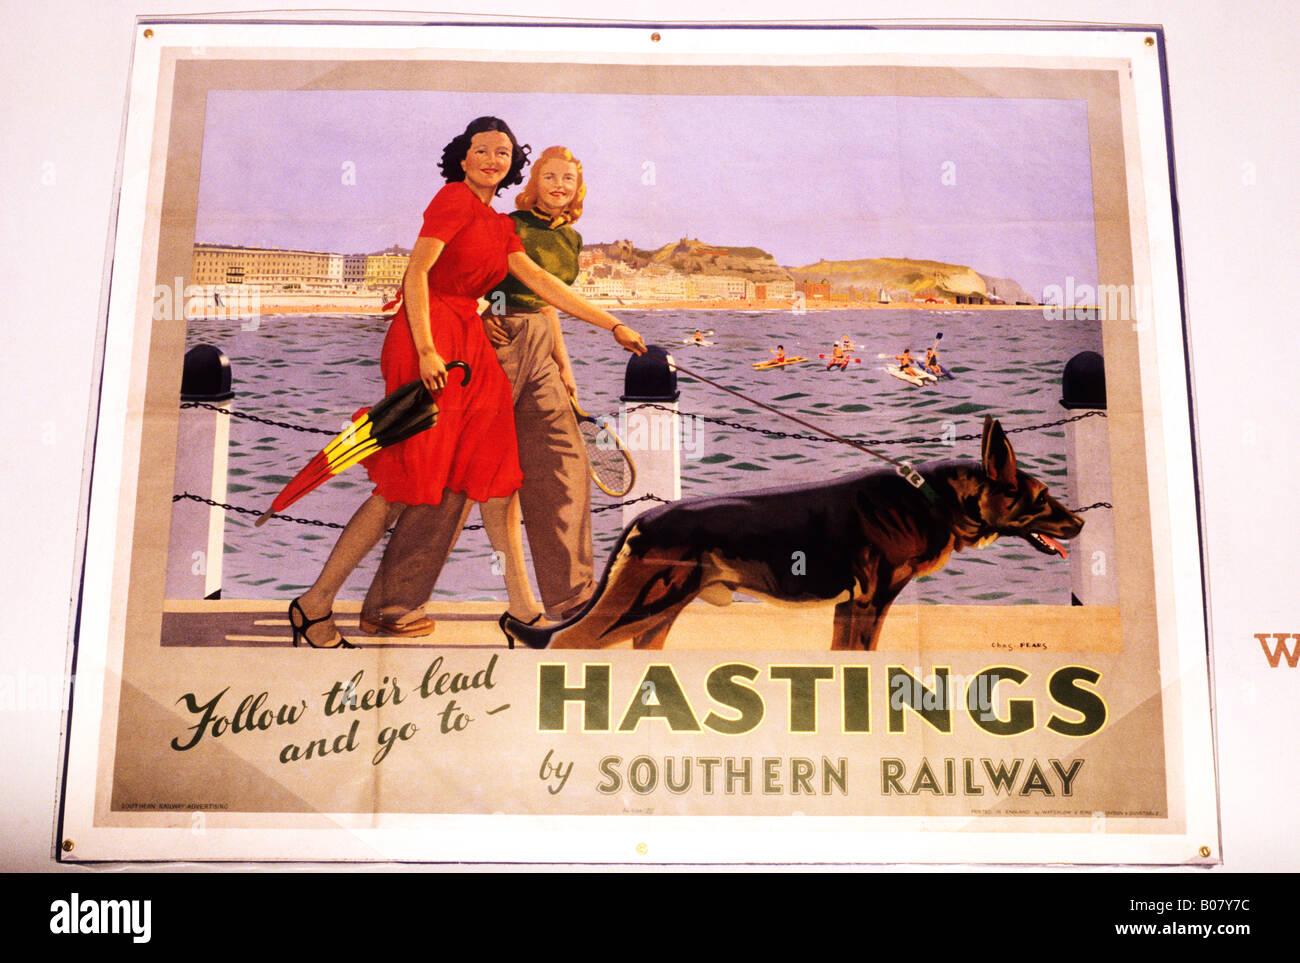 L'affiche de publicité Hastings 1934 30's années 30 Southern Railway de publicité mesdames Photo Stock